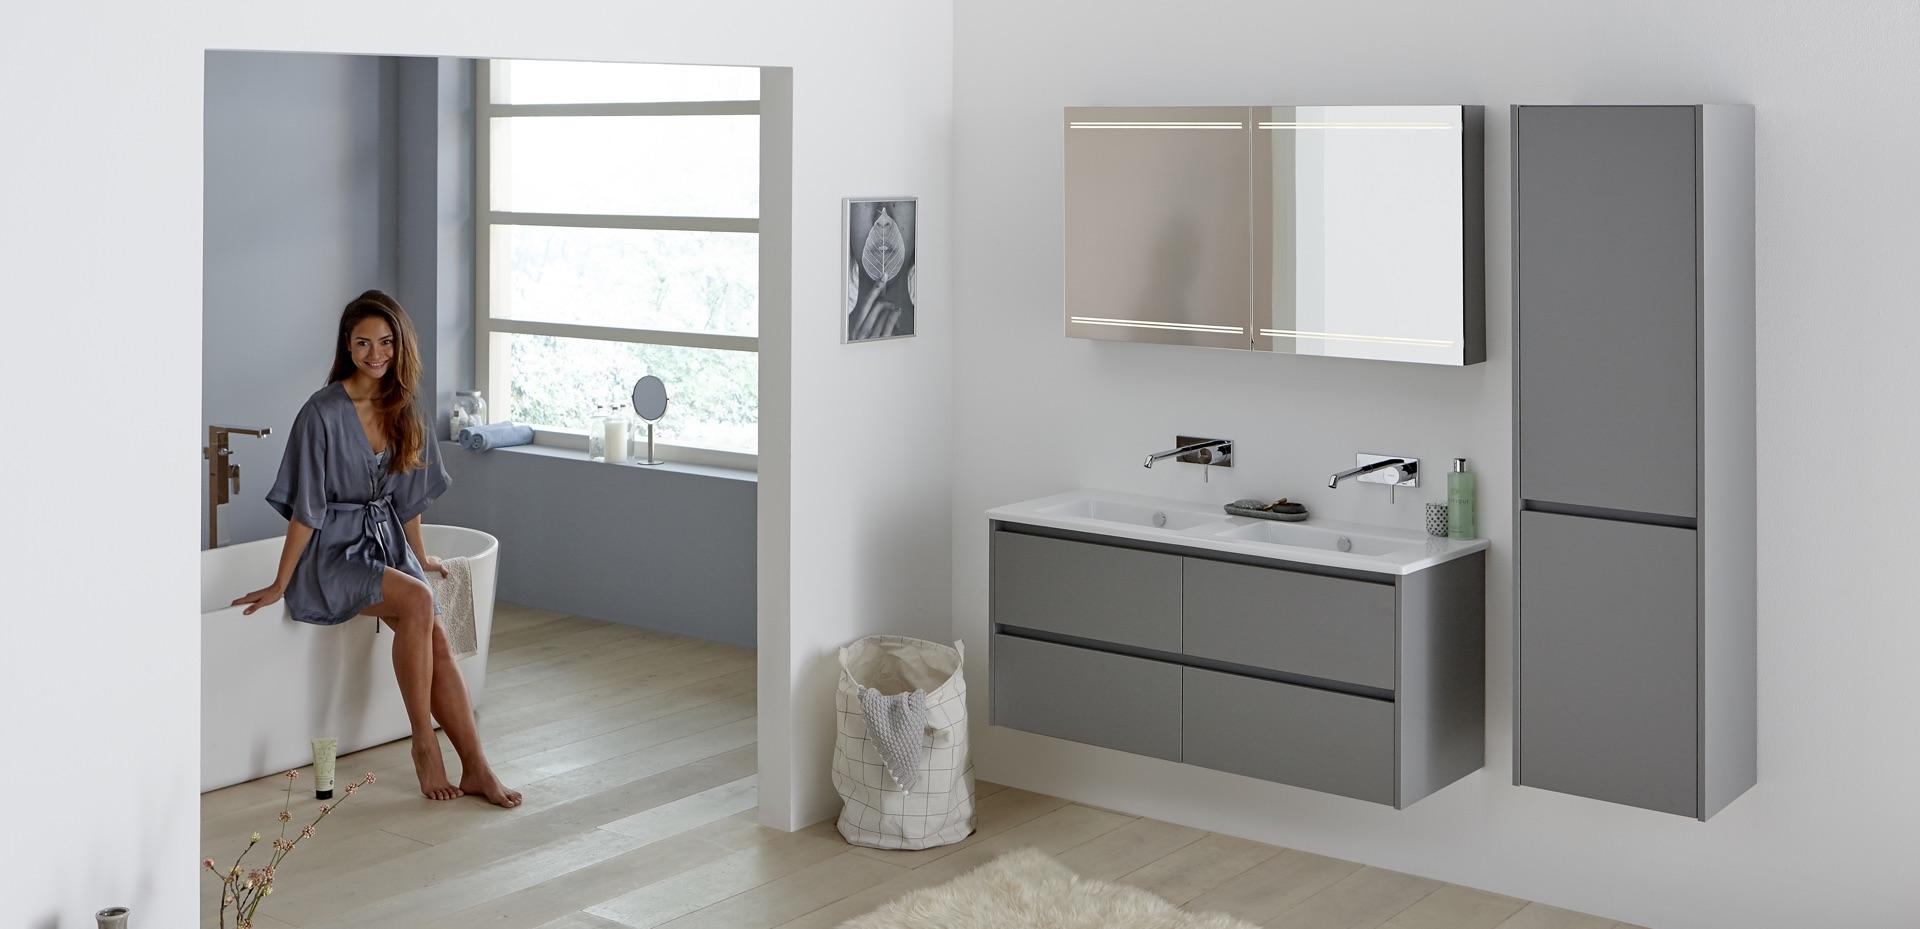 mijn-bad-in-stijl-badkamer-model-wit-grijs-blauw